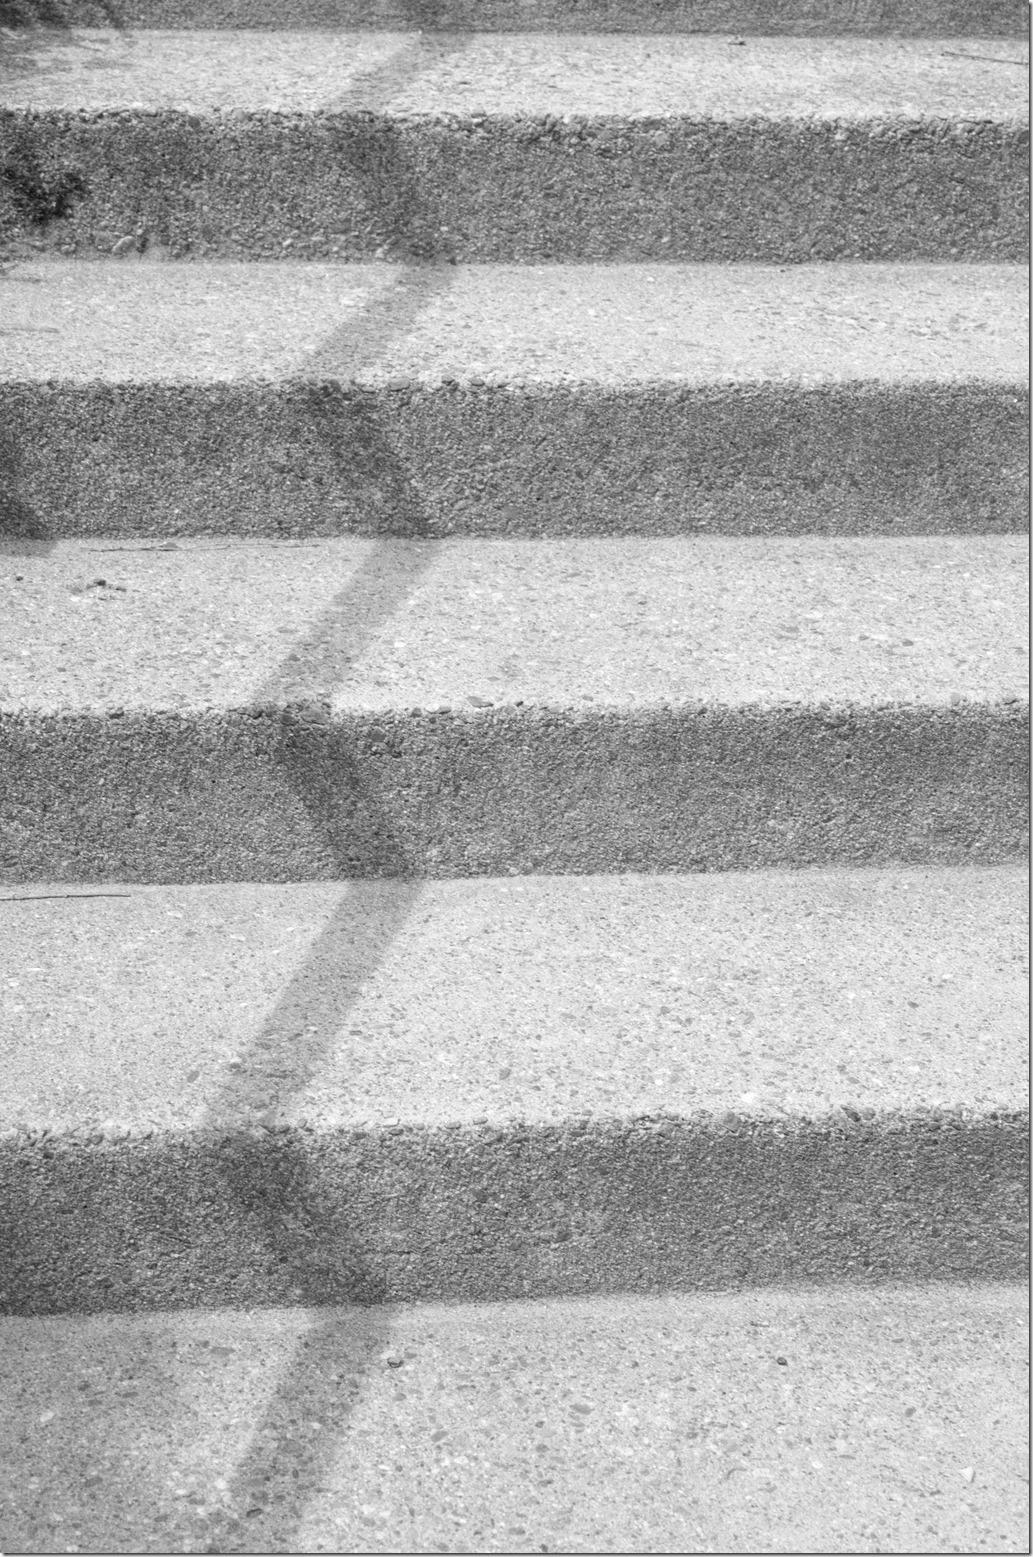 Steps L1002739_thumb[1]